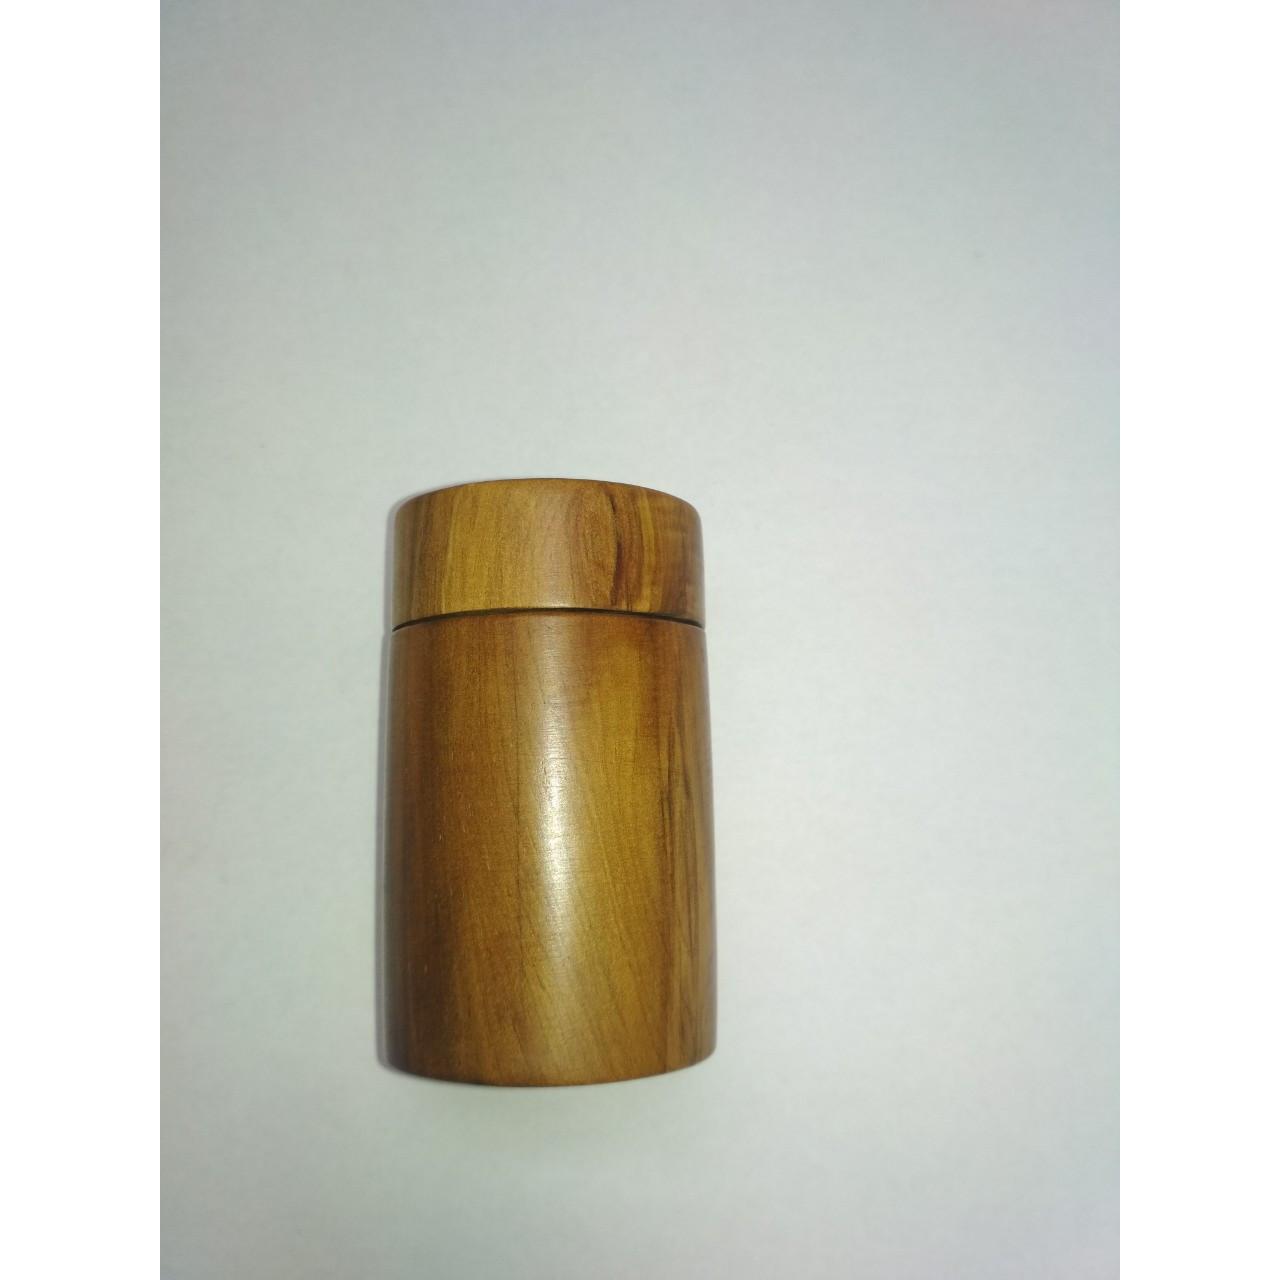 Lọ tăm, hũ đựng tăm hình trụ gỗ bách xanh.